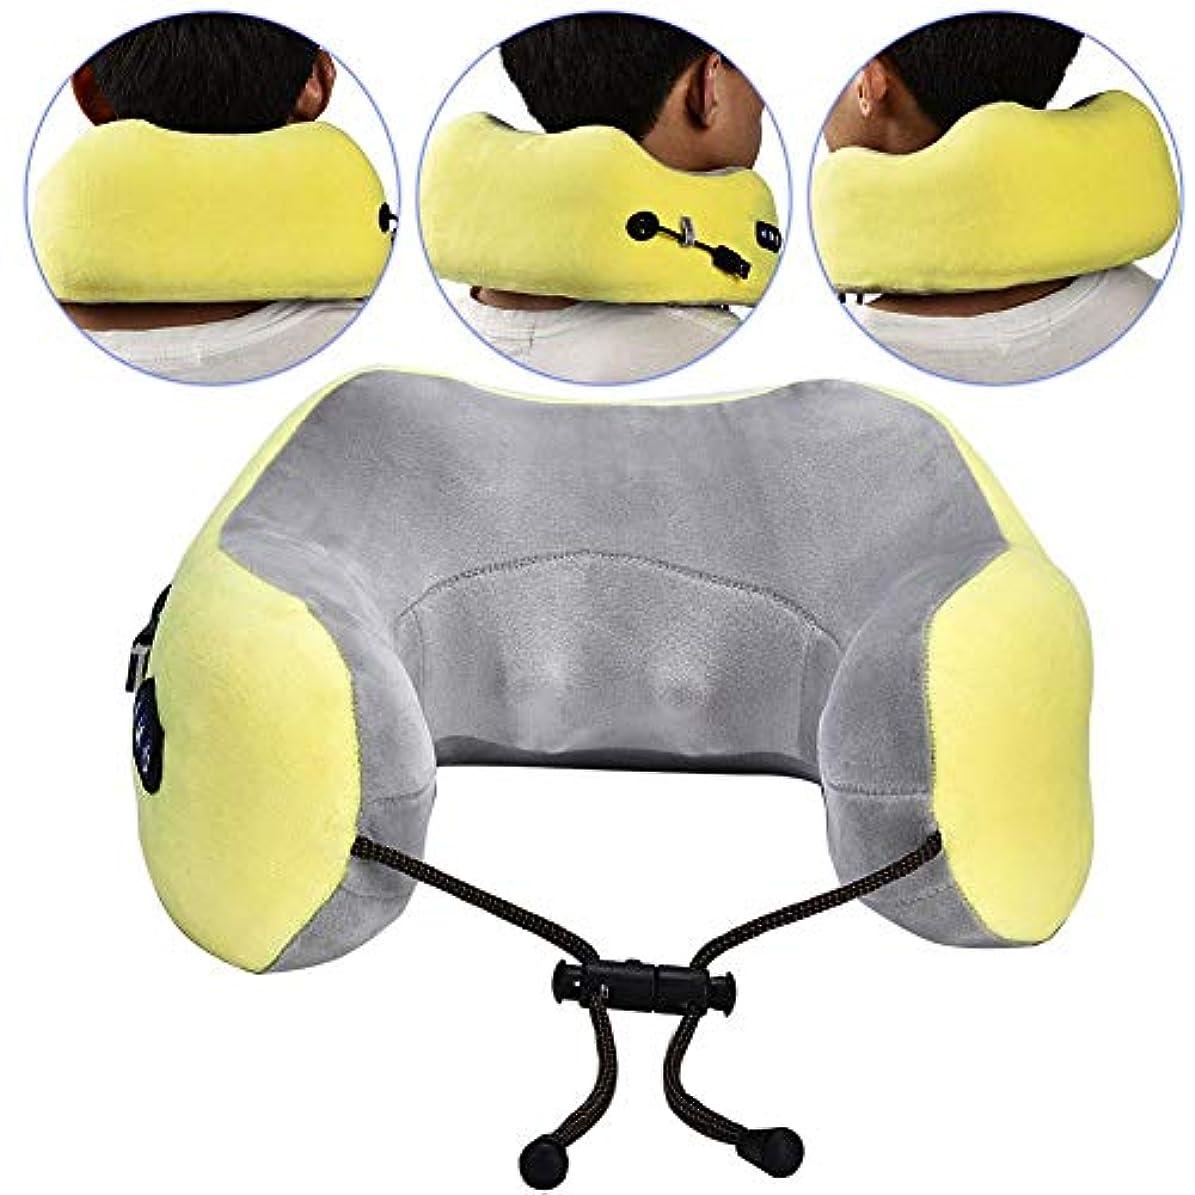 流星逃す定説U型マッサージ枕、USB充電インテリジェントネックマッサージ、電動睡眠枕睡眠旅行、痛みマッスルリリーフマッサージ機、首肩首サポーター